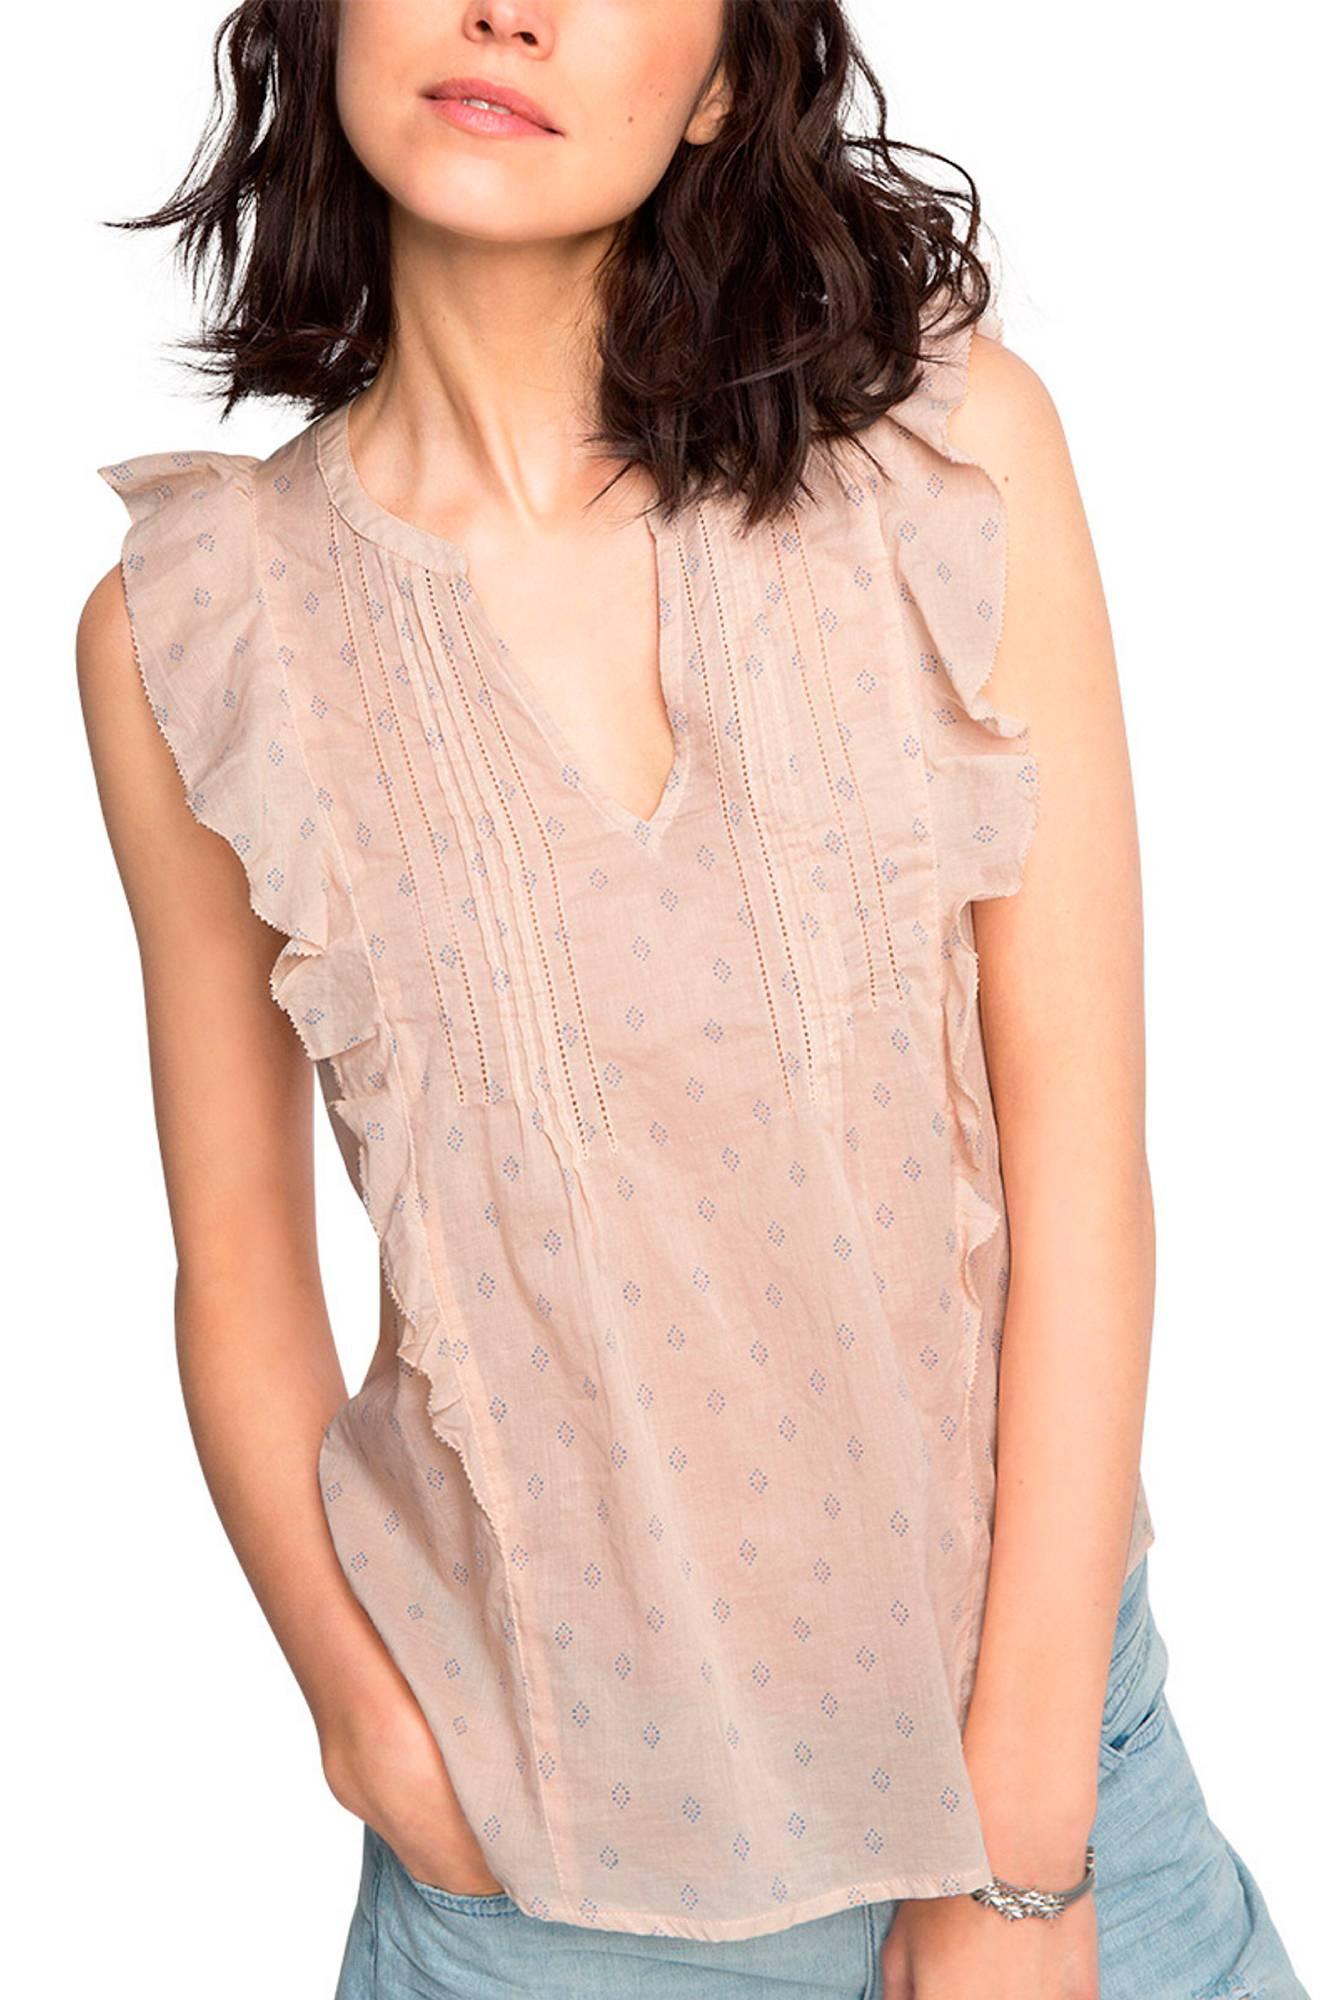 ad2f0c7d508 Bluse med flæser Esprit Skjorter & bluser til Kvinder i Beige